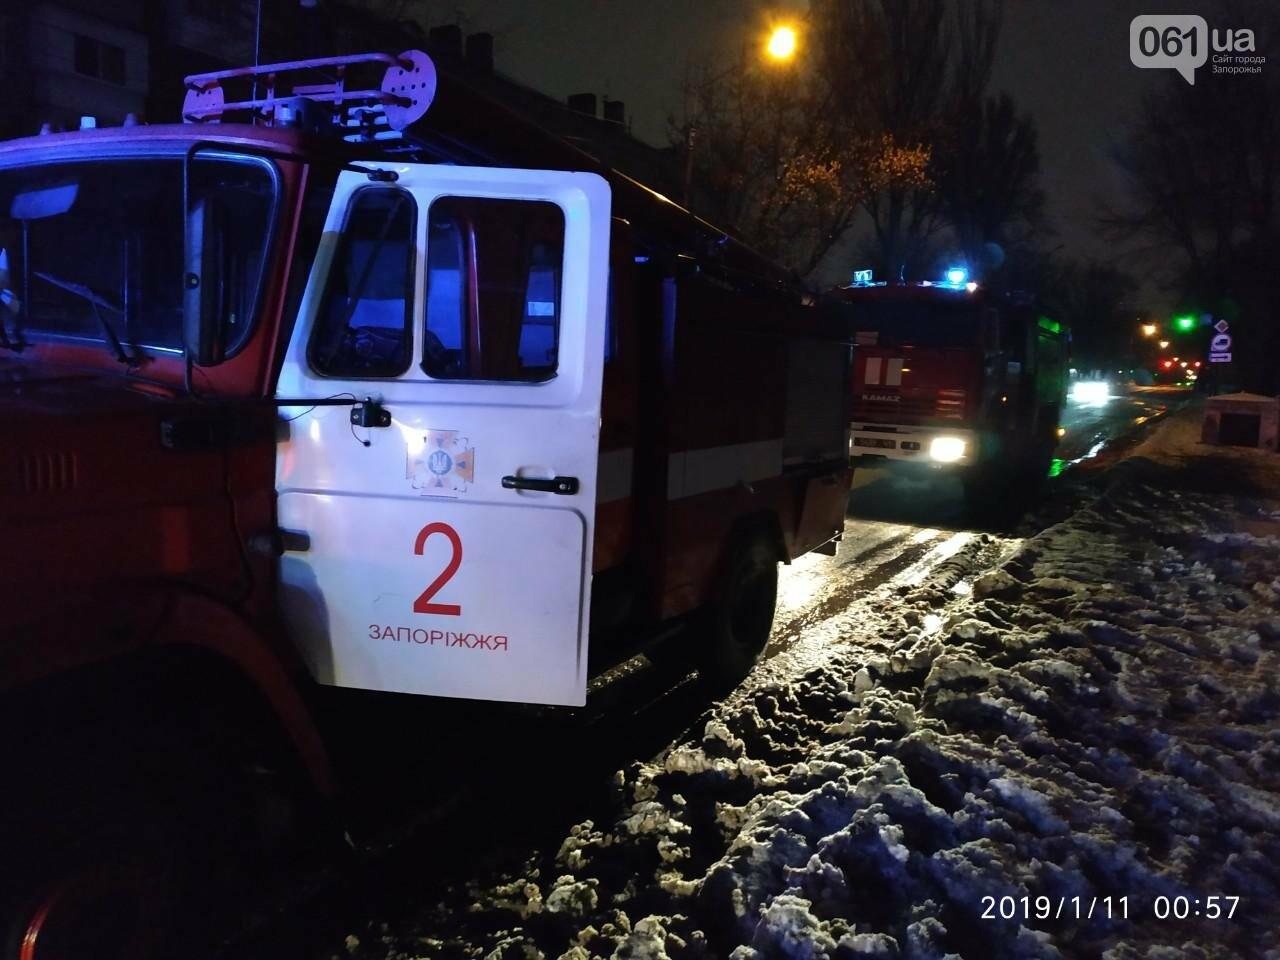 В Запорожье снова горело общежитие - эвакуировали двоих людей, фото-1